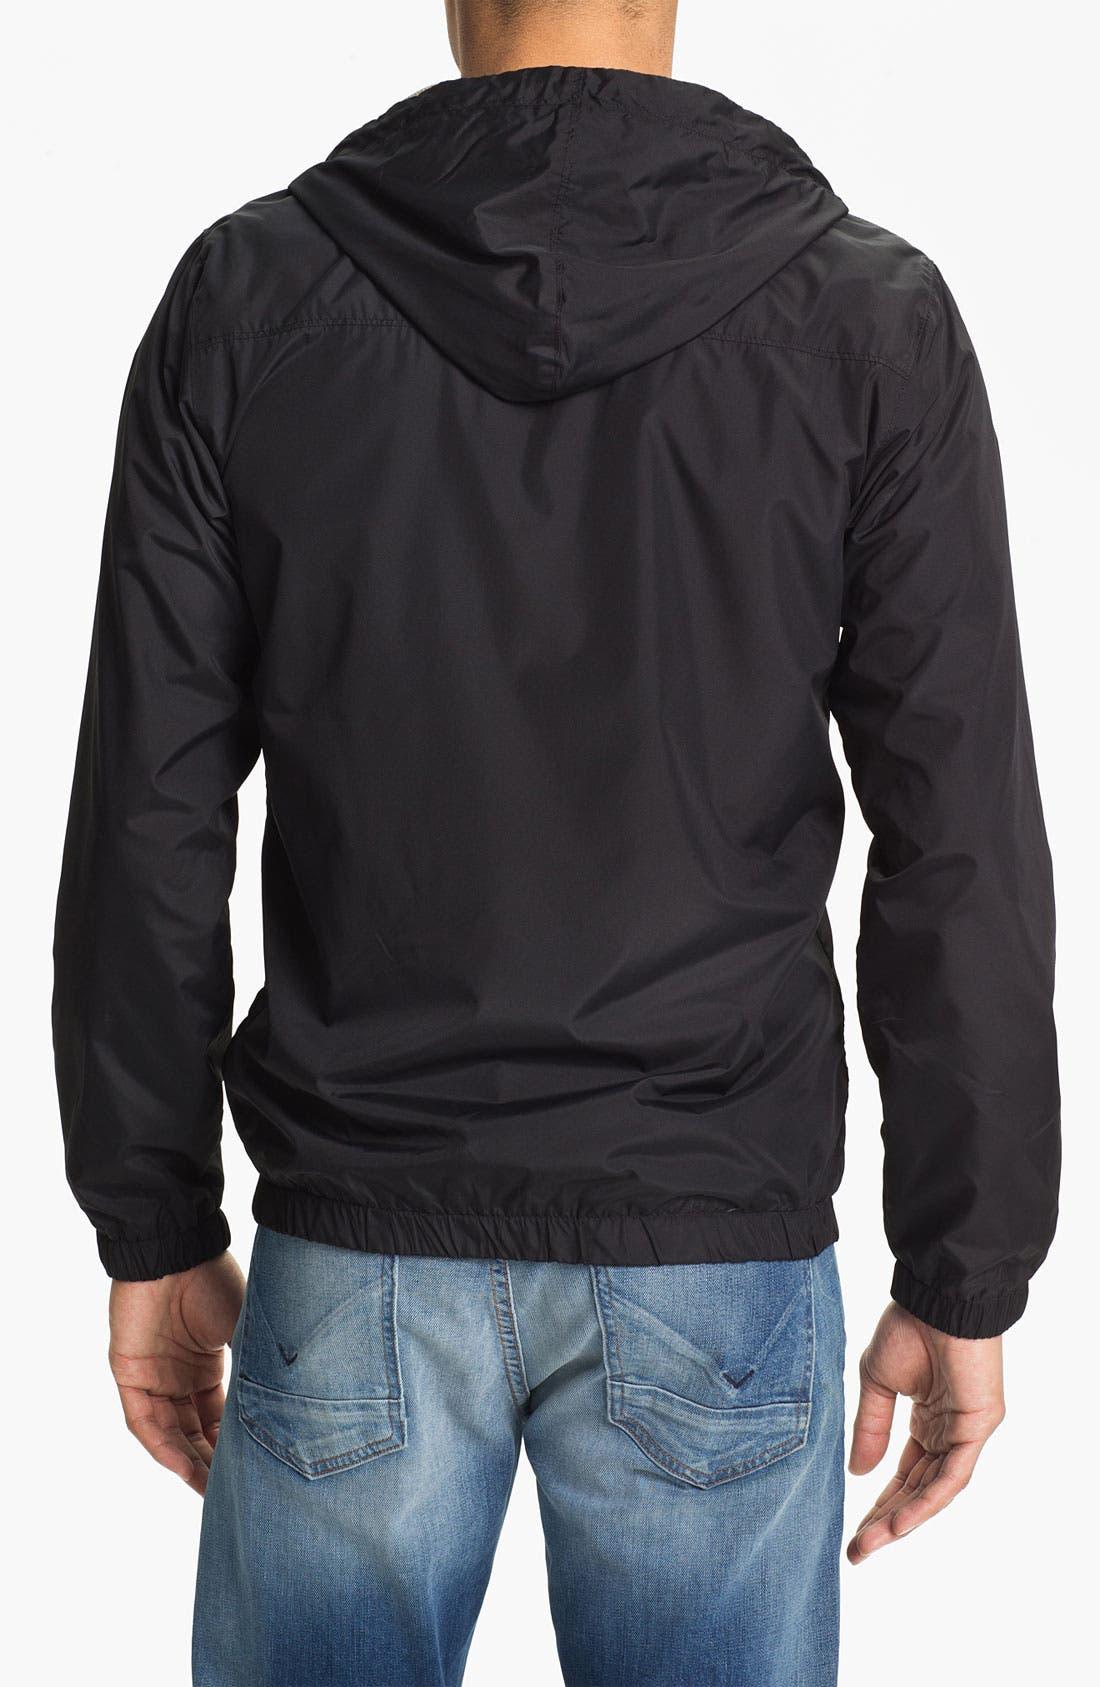 Alternate Image 2  - Volcom 'Ringer' Windbreaker Jacket